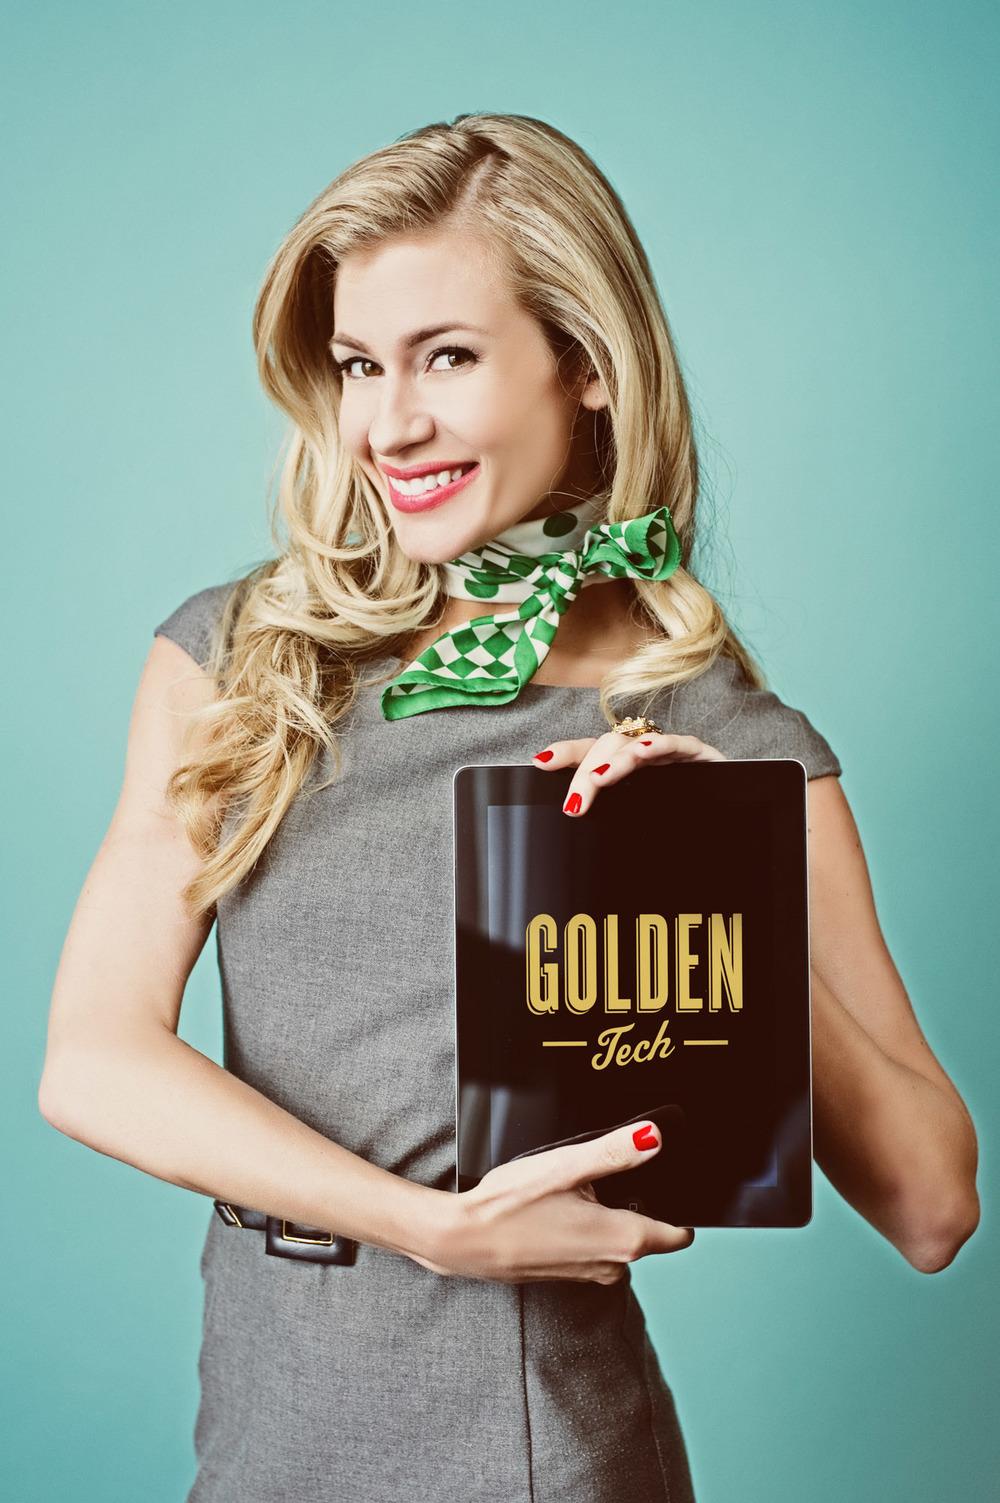 goldentech0002.jpg